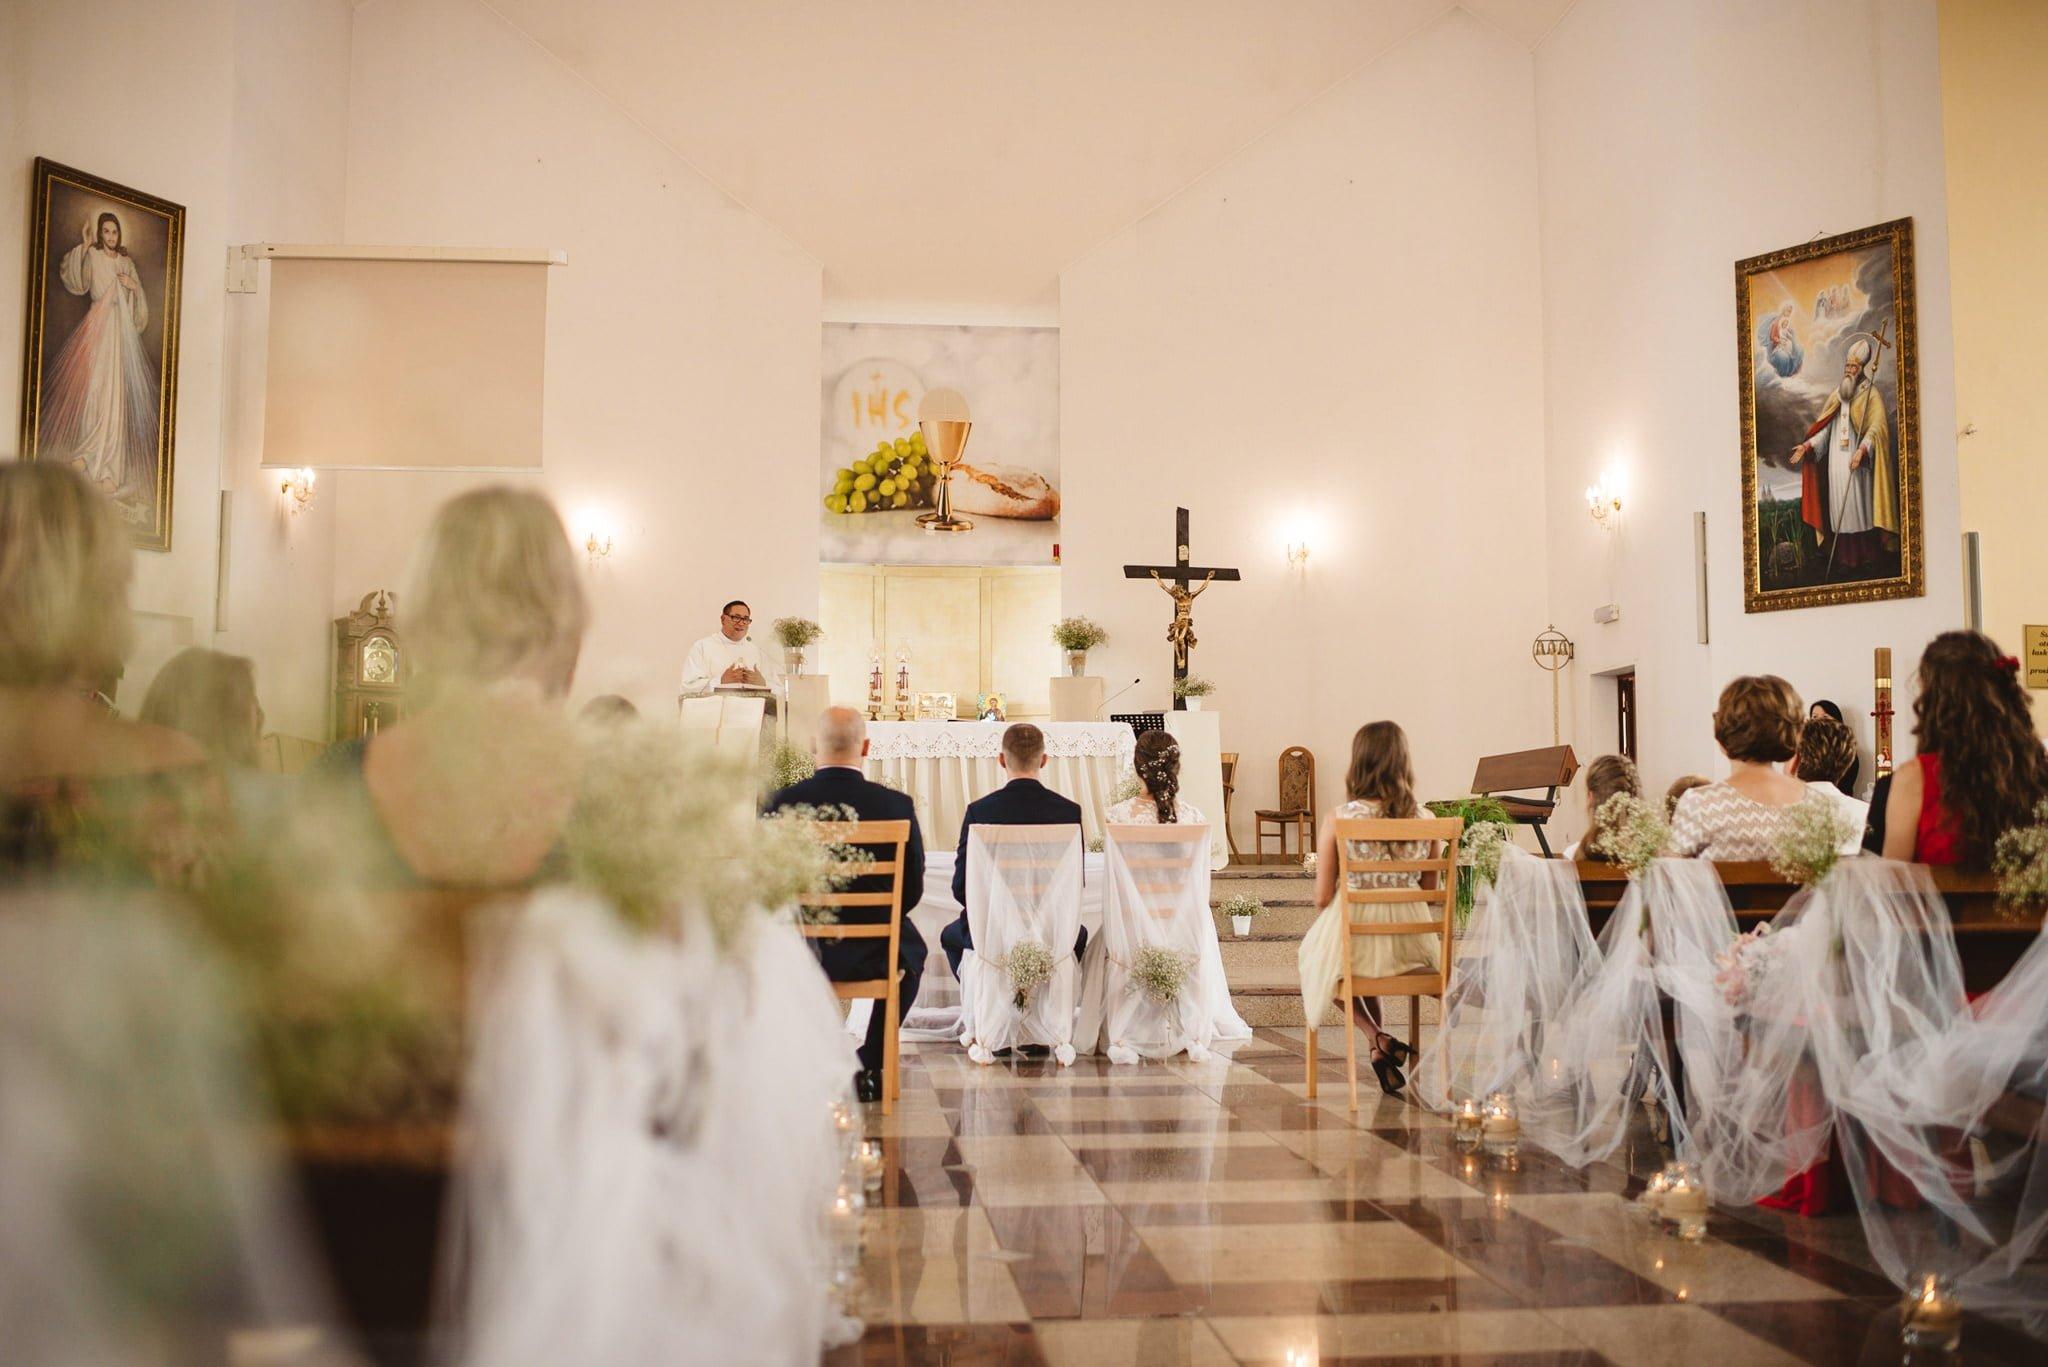 Ala i Arek, czyli jak zorganizować ślub i wesele w 4 tygodnie! 83